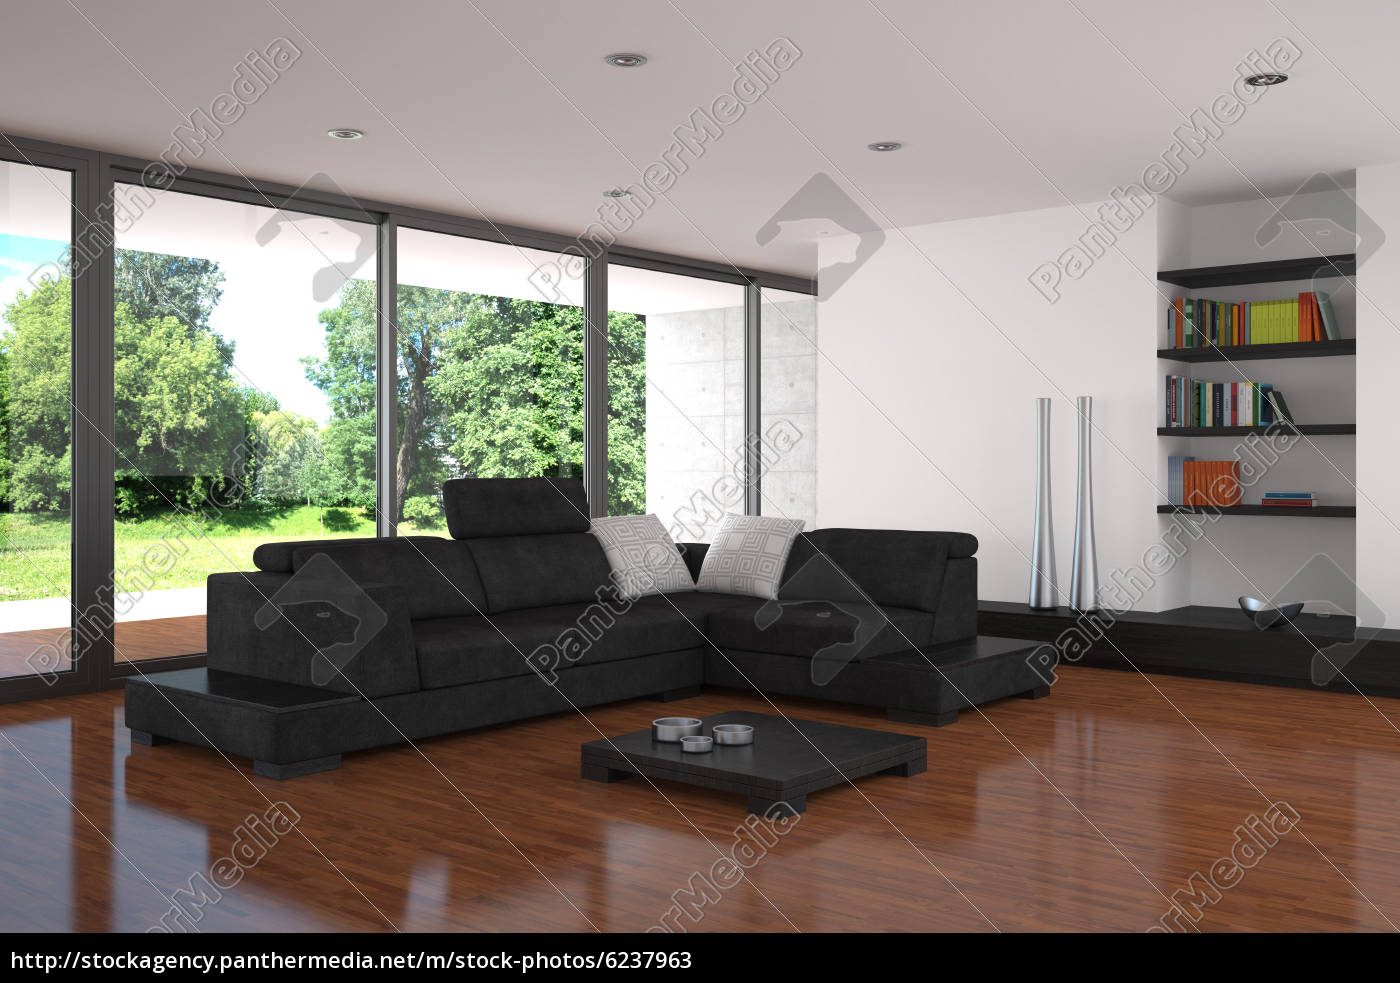 moderne wohnzimmer mit parkettboden - Stockfoto - #6237963 ...